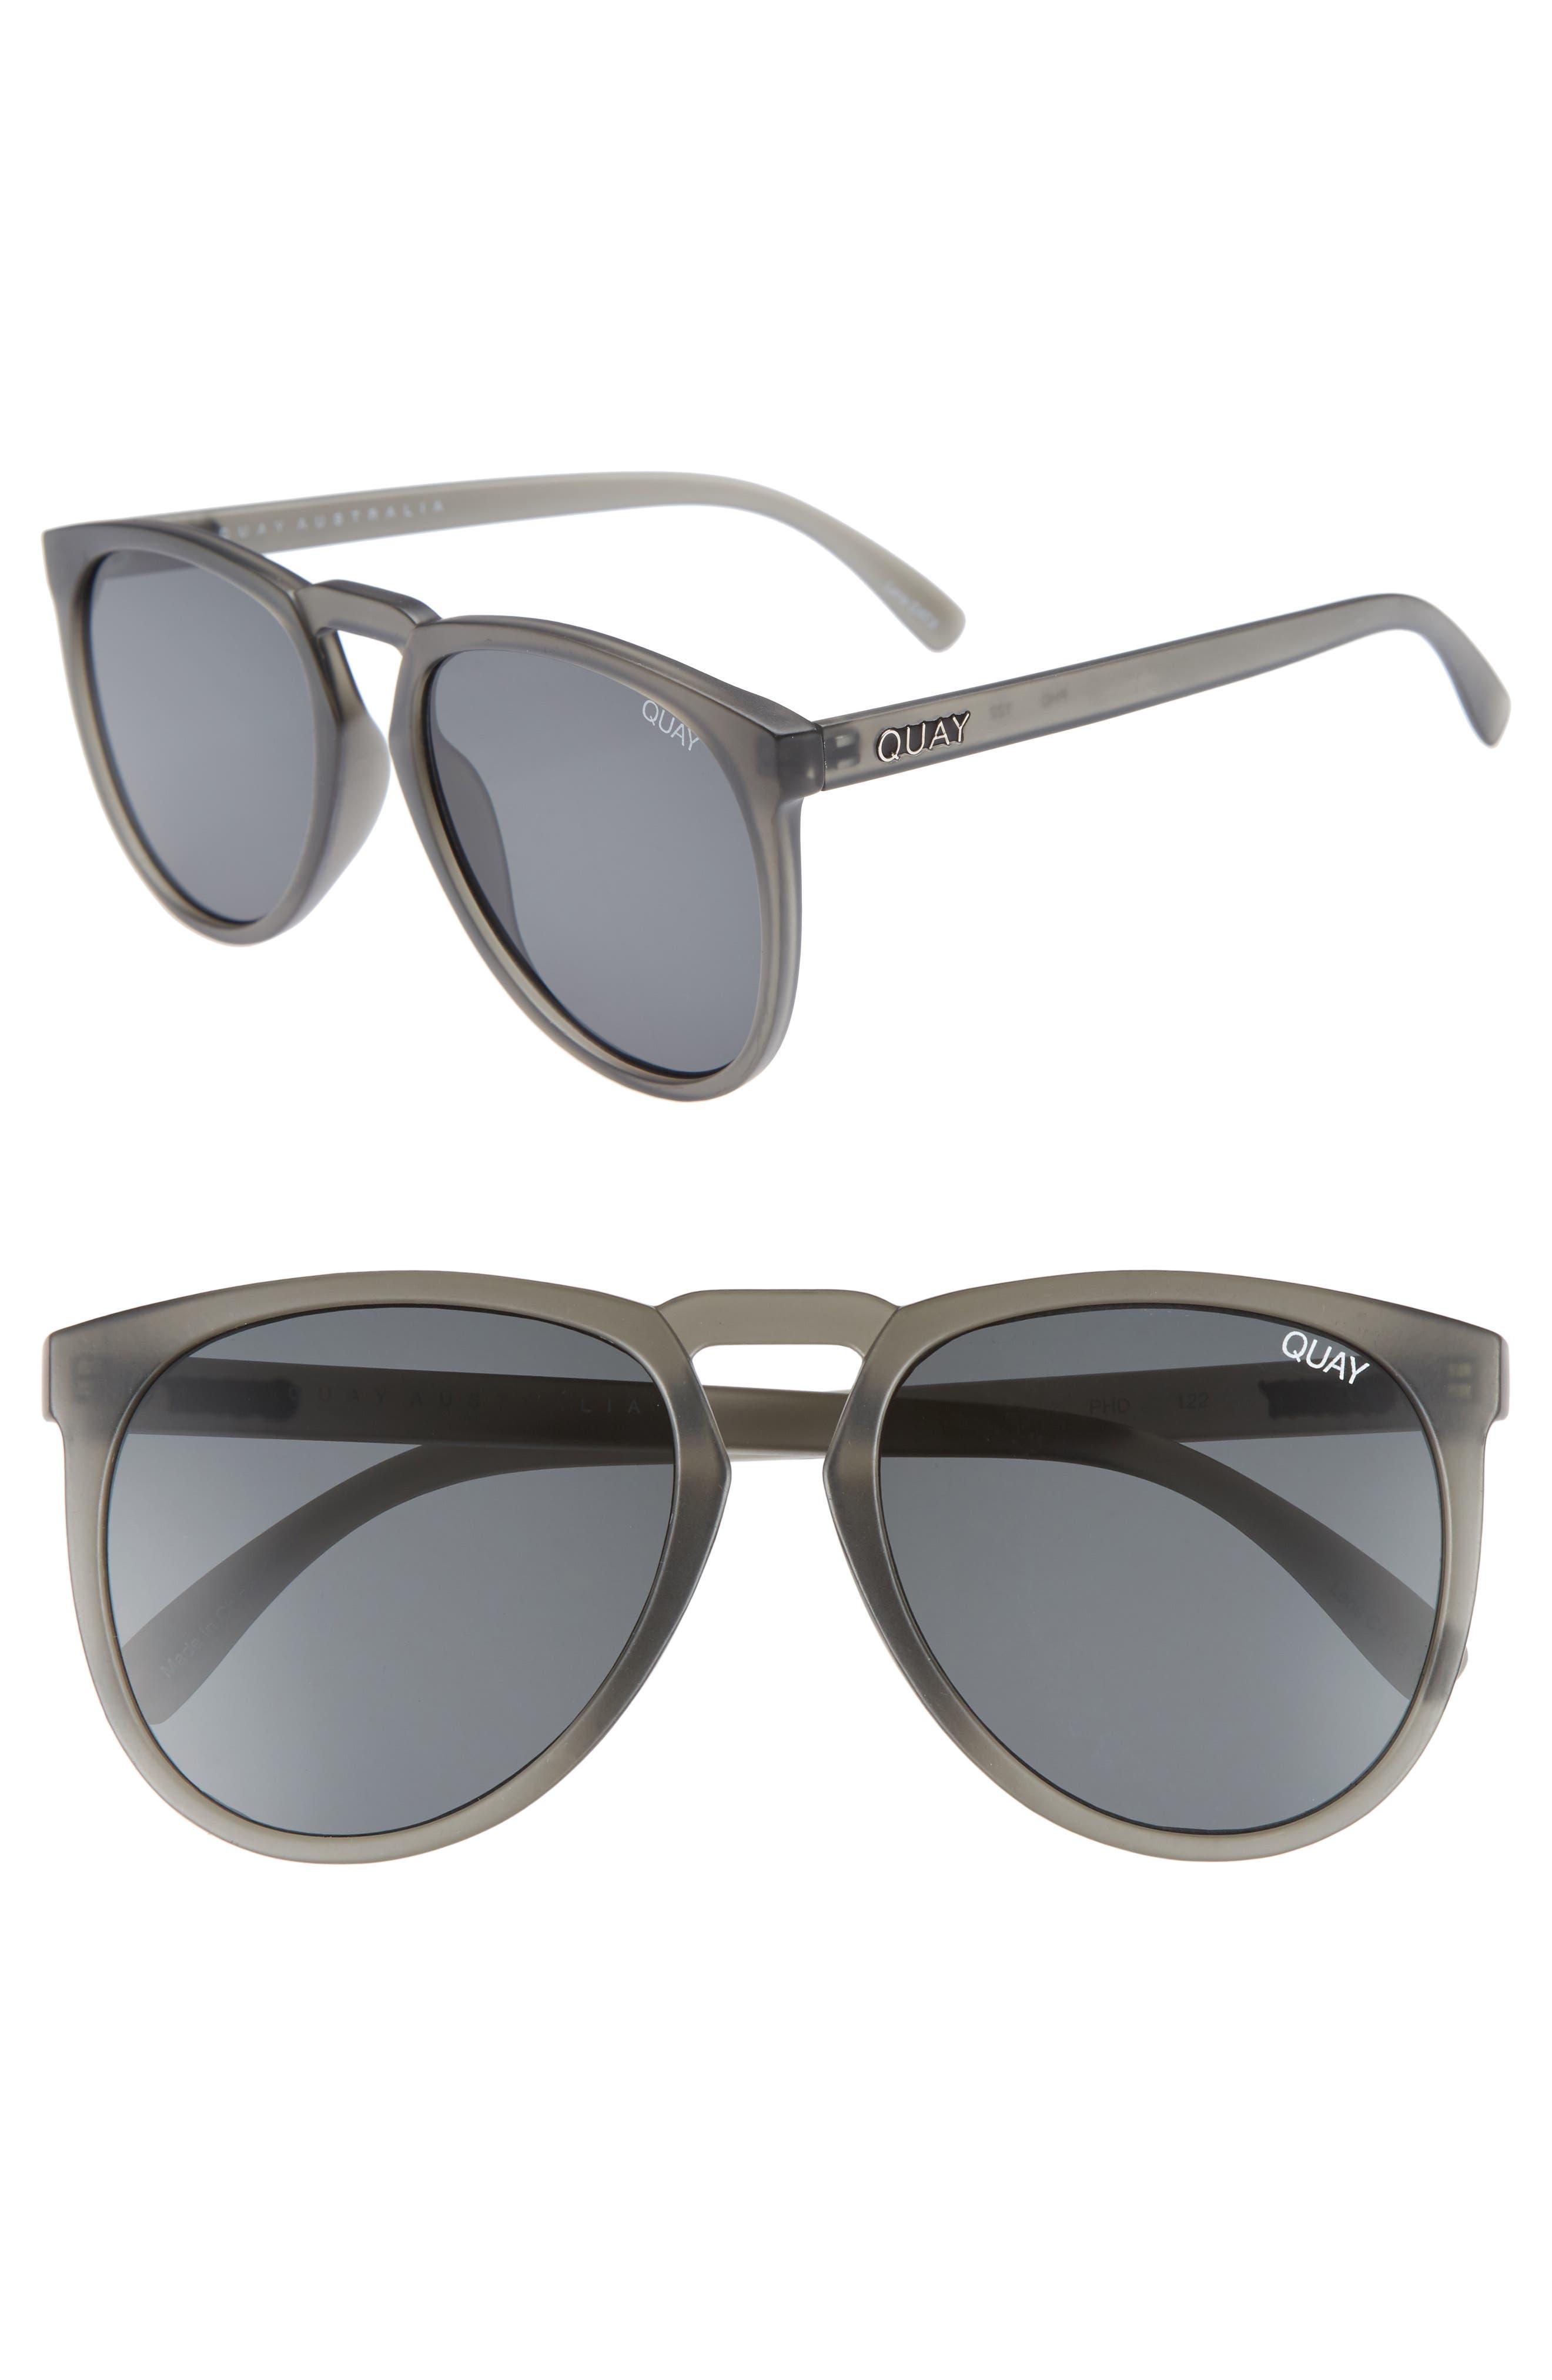 PhD 65mm Sunglasses,                             Main thumbnail 1, color,                             GREY/SMOKE